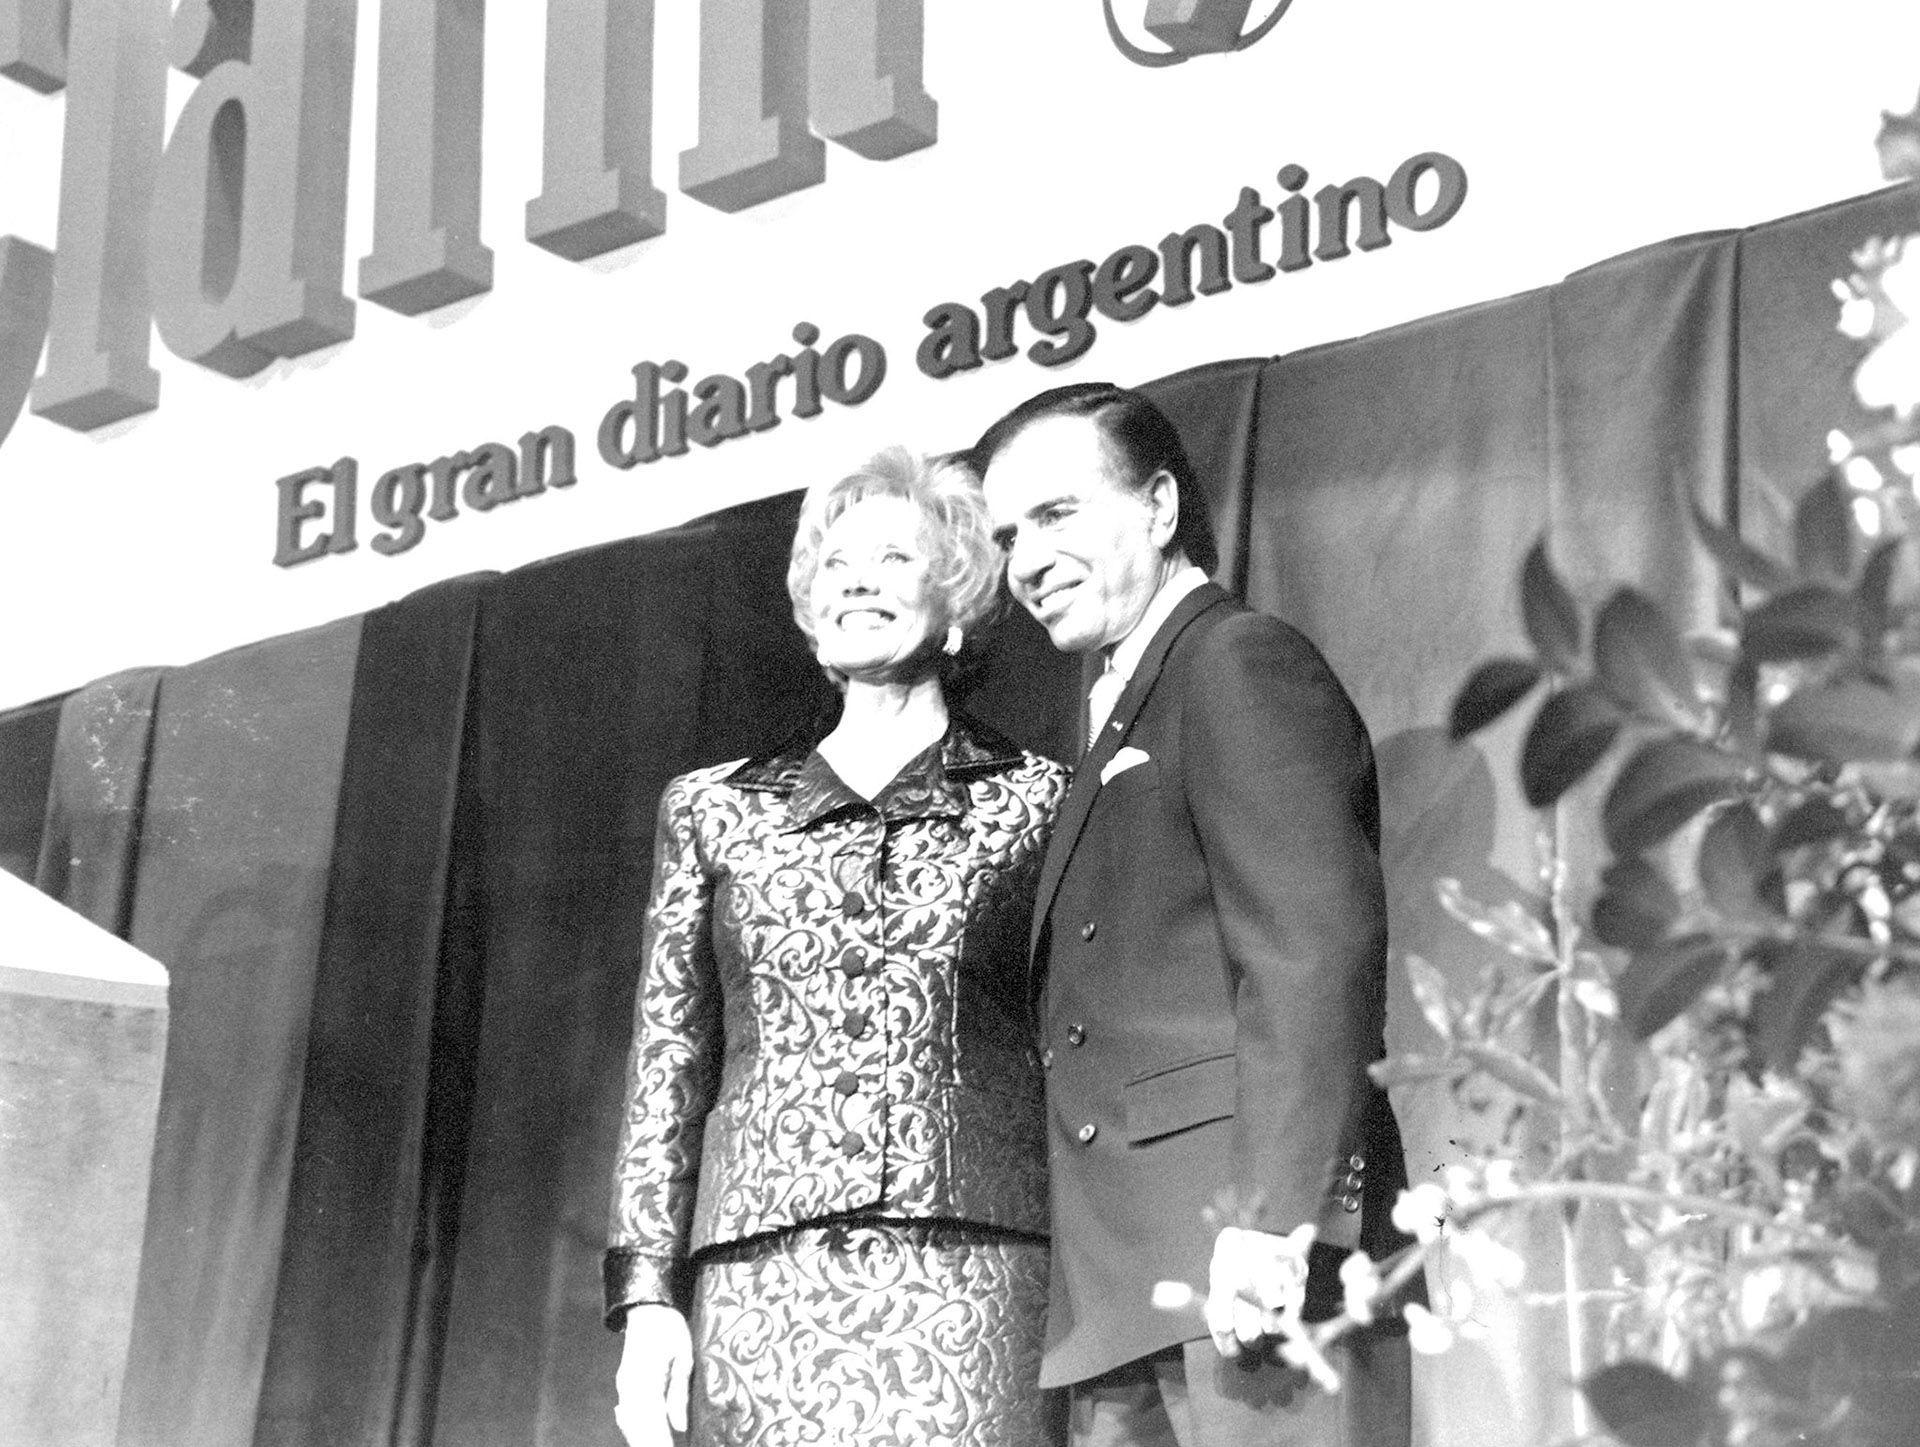 Con la dueña del Grupo Clarín, Ernestina Herrera de Noble, en la planta de impresión del diario Clarín en 1995. Menem privatizó los canales de televisión y adjudicó el Canal 13 al grupo de Noble y durante su gobierno hubo libertad de expresión. (AGN)